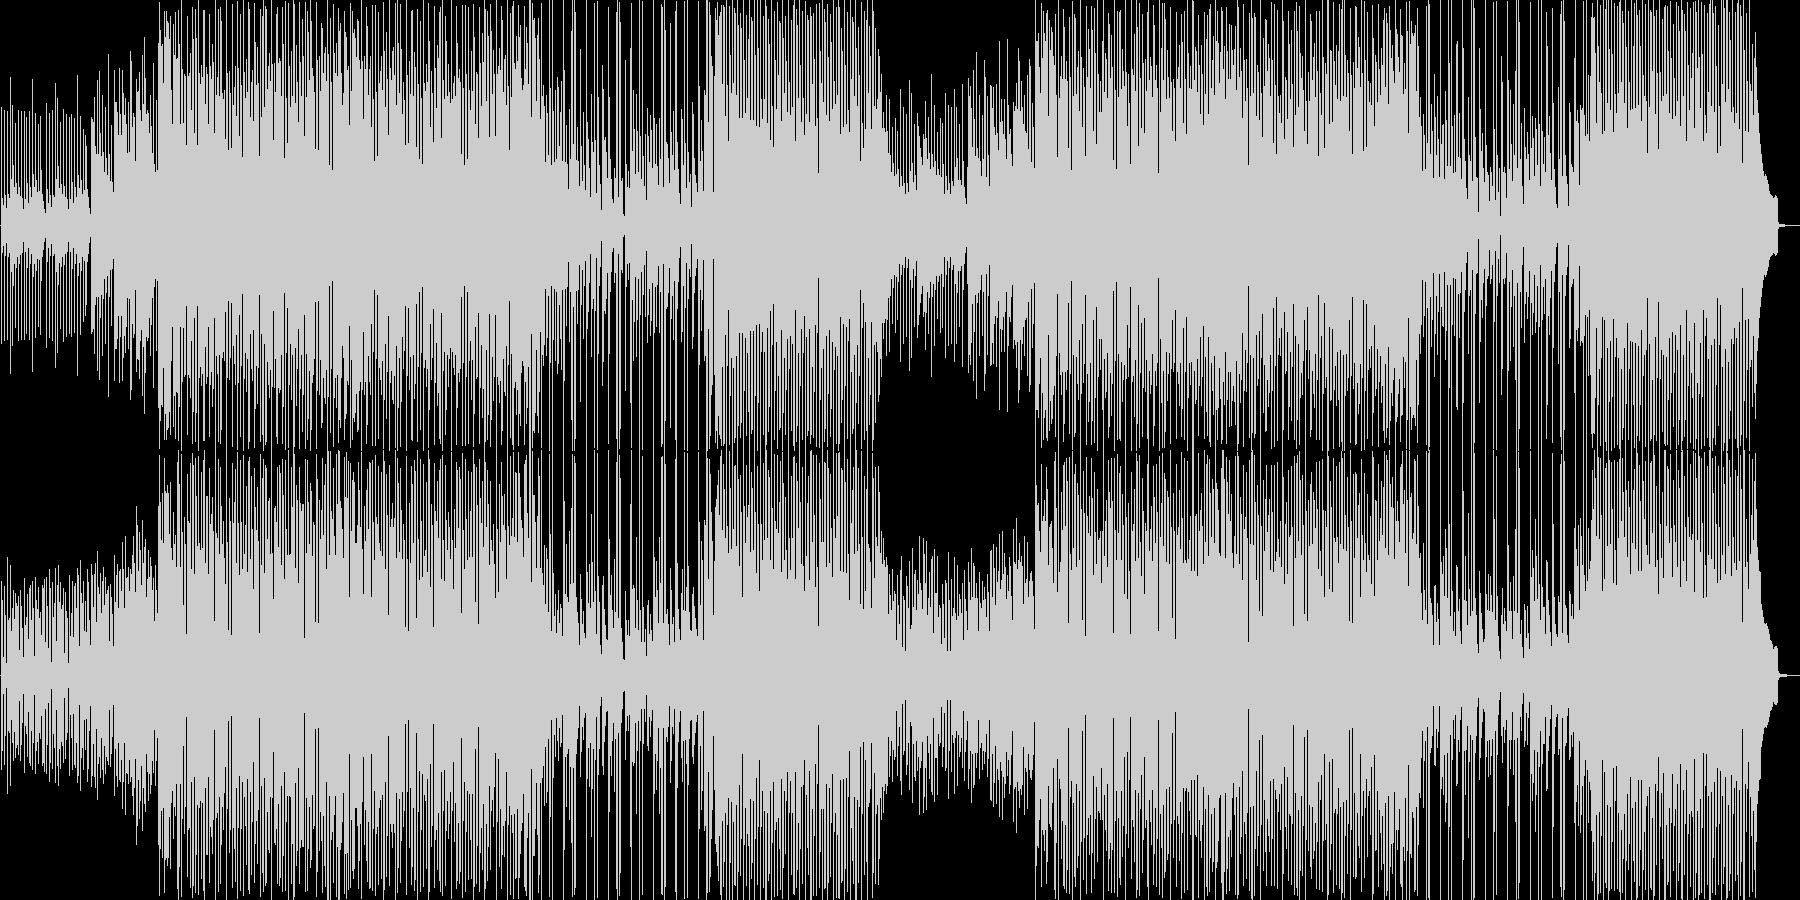 流行のコンセプトムービーBGMサウンド③の未再生の波形